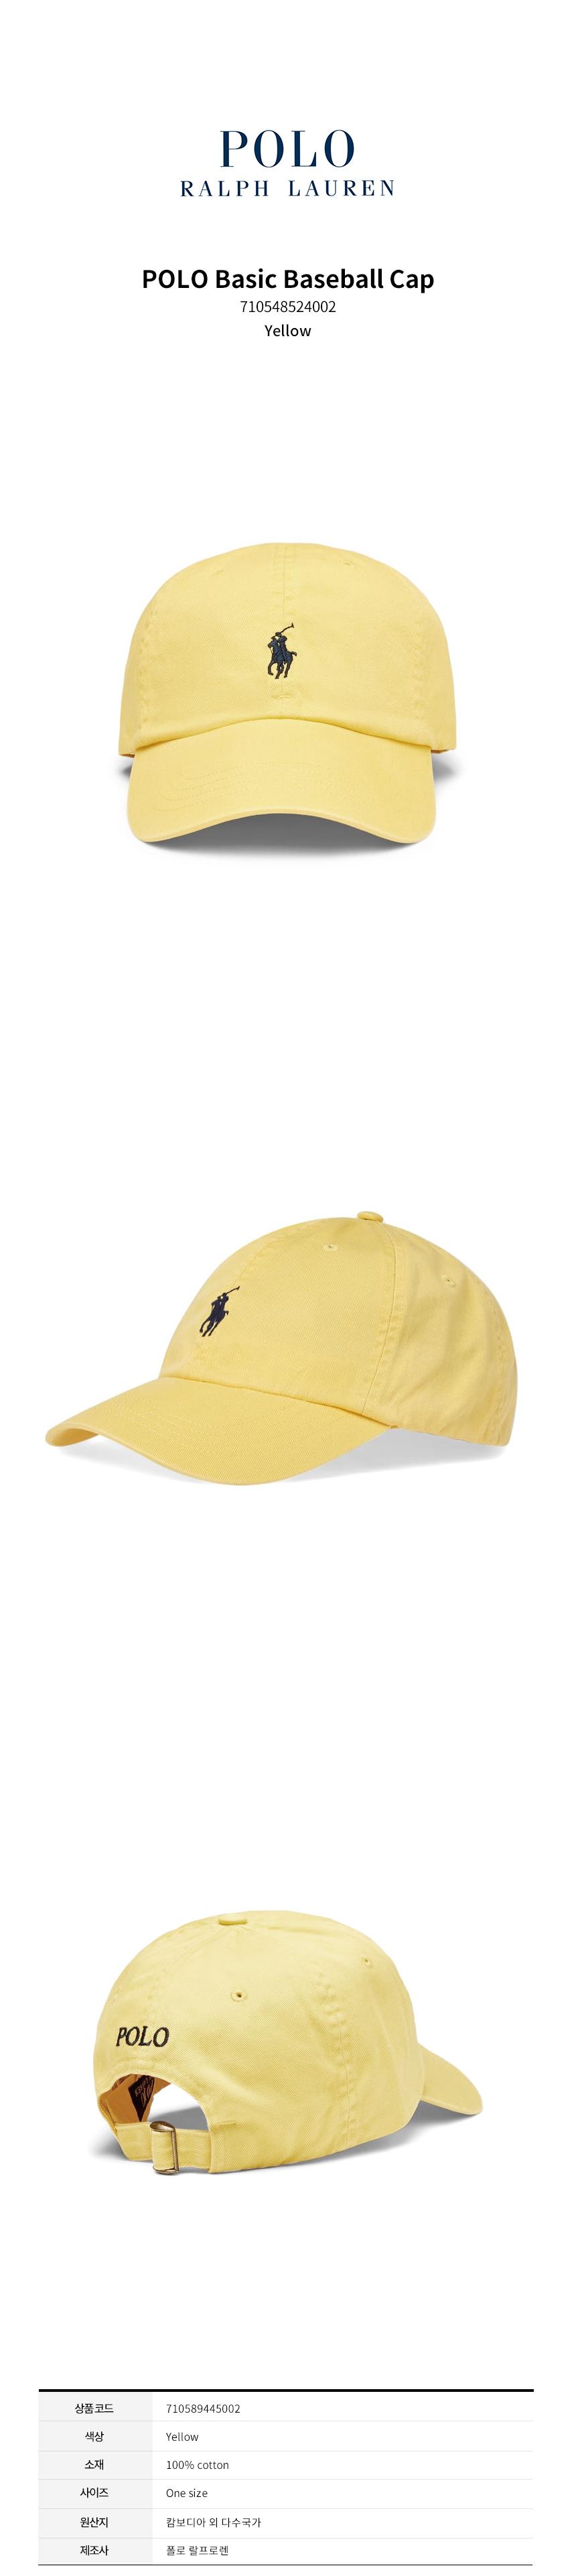 710548524002_yellow.jpg